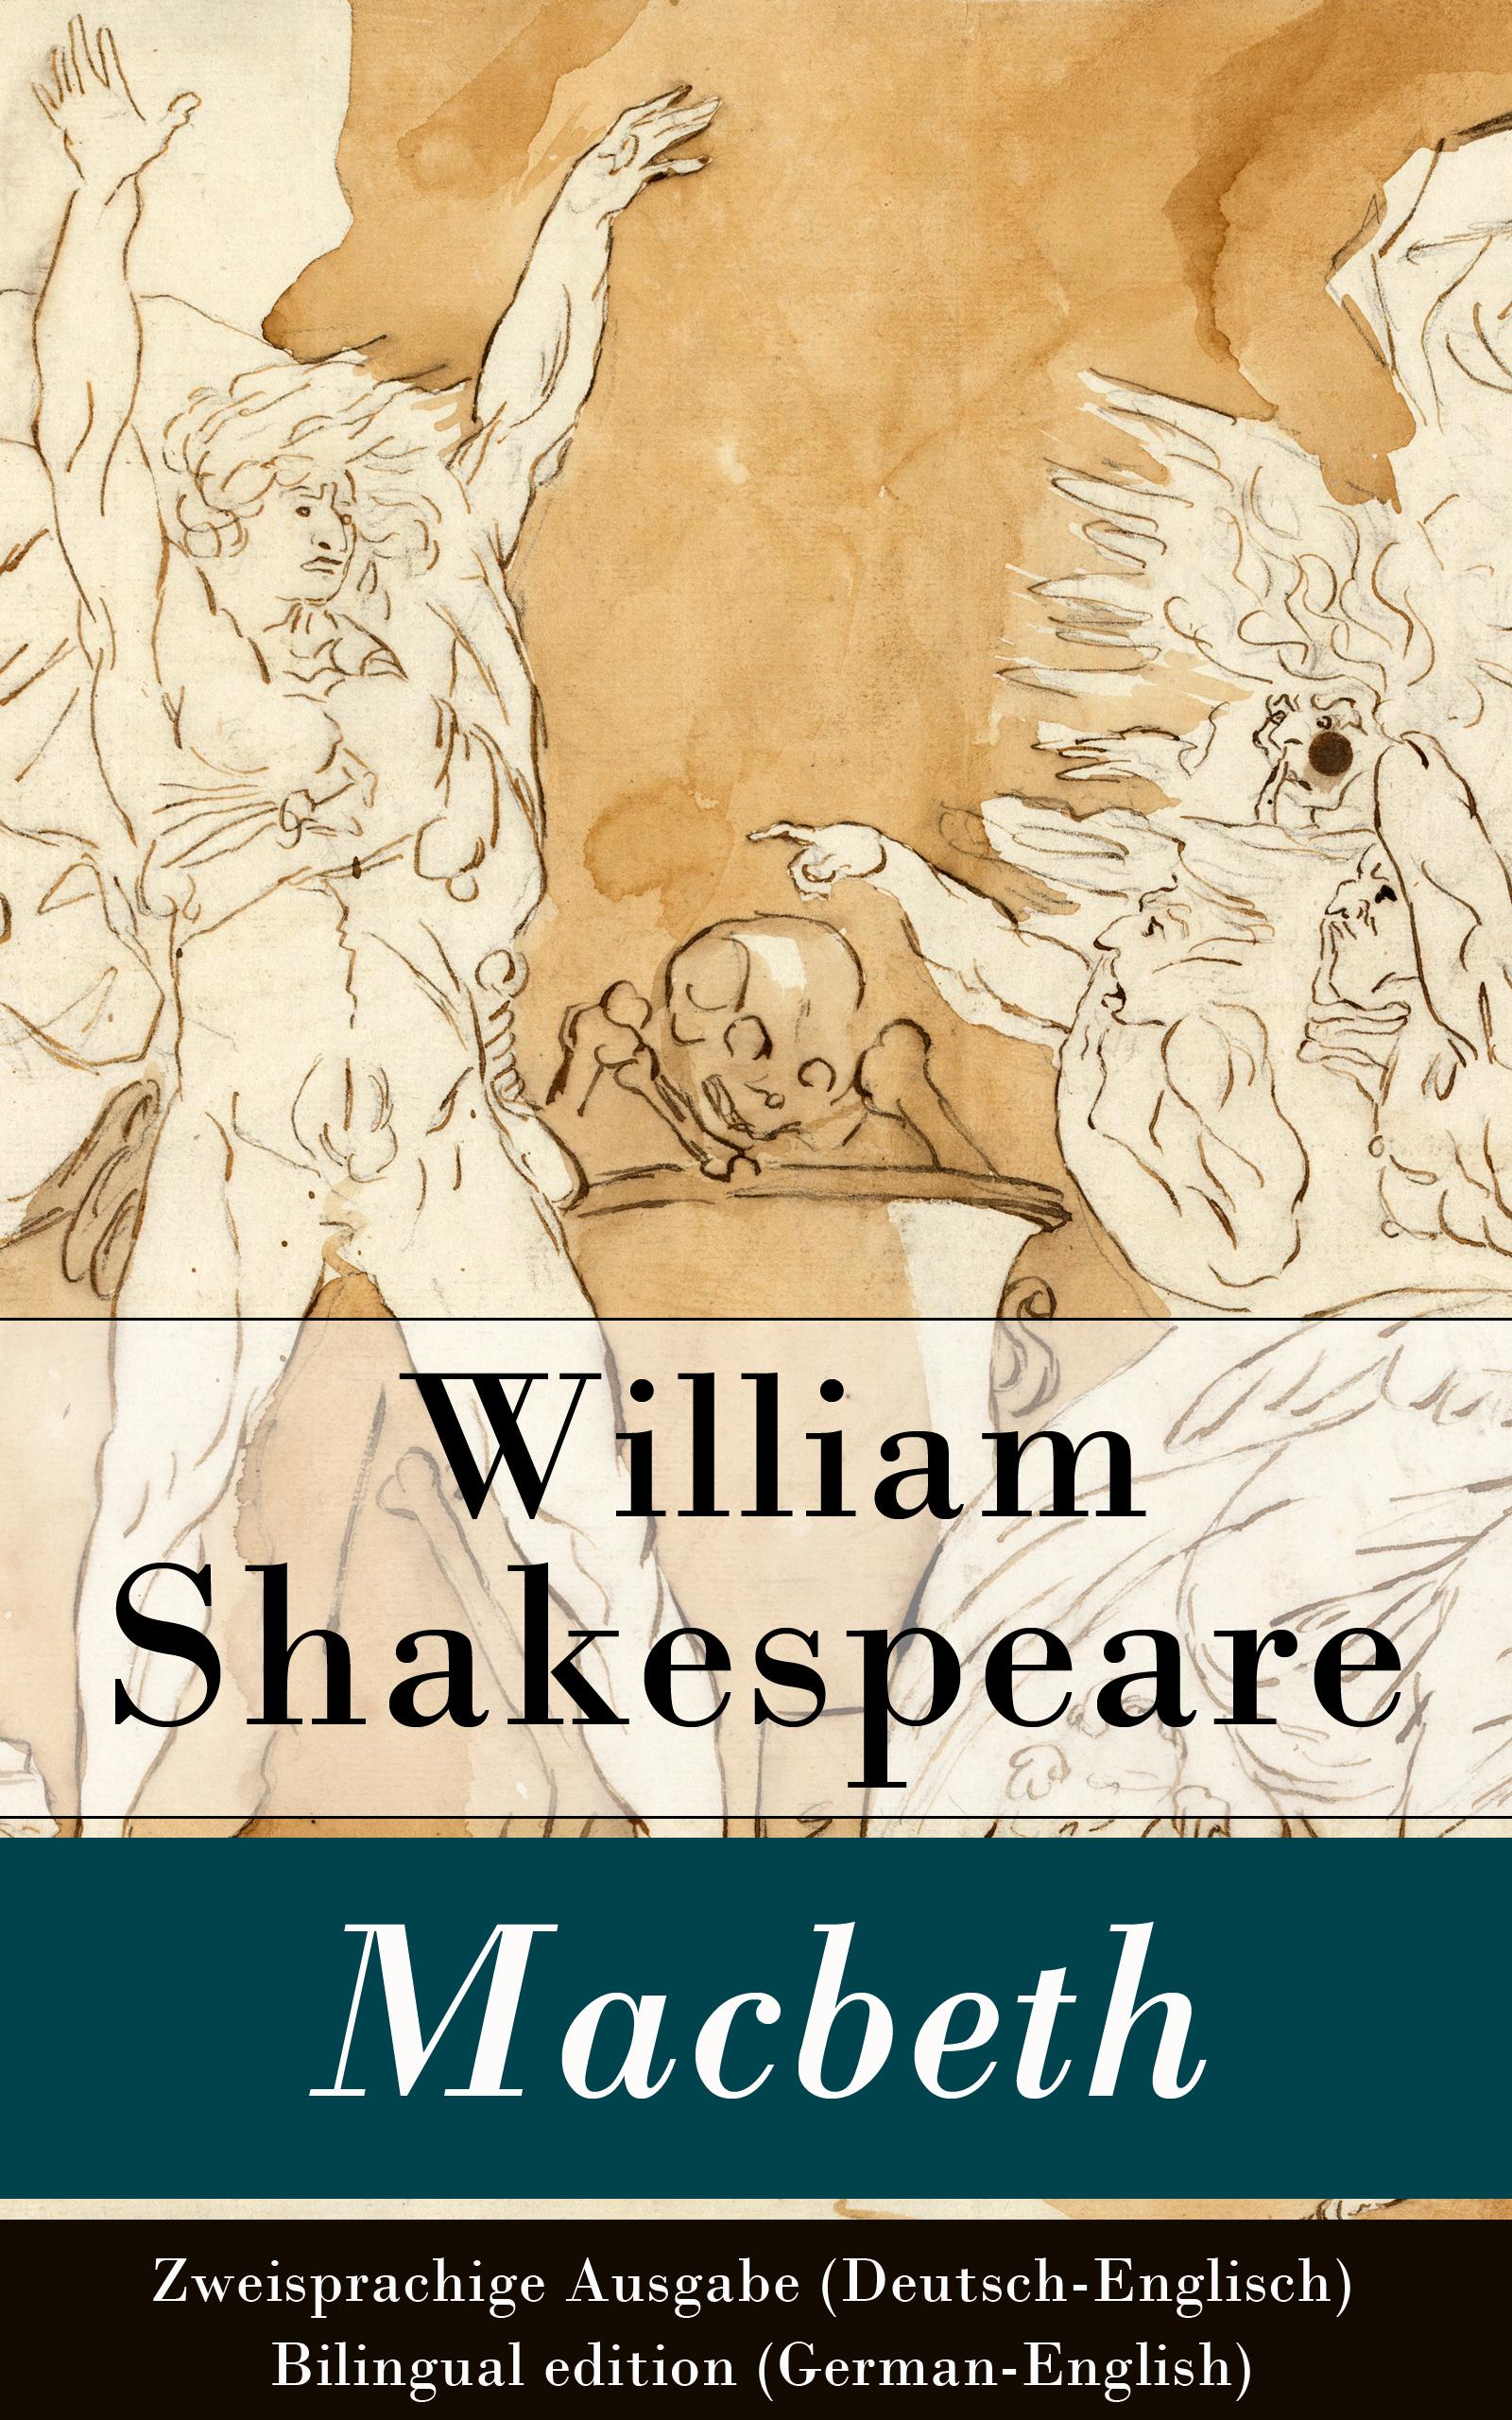 Уильям Шекспир Macbeth - Zweisprachige Ausgabe (Deutsch-Englisch) / Bilingual edition (German-English) phaedrus phaedrus ausgewahlte fabeln des phadrus german edition